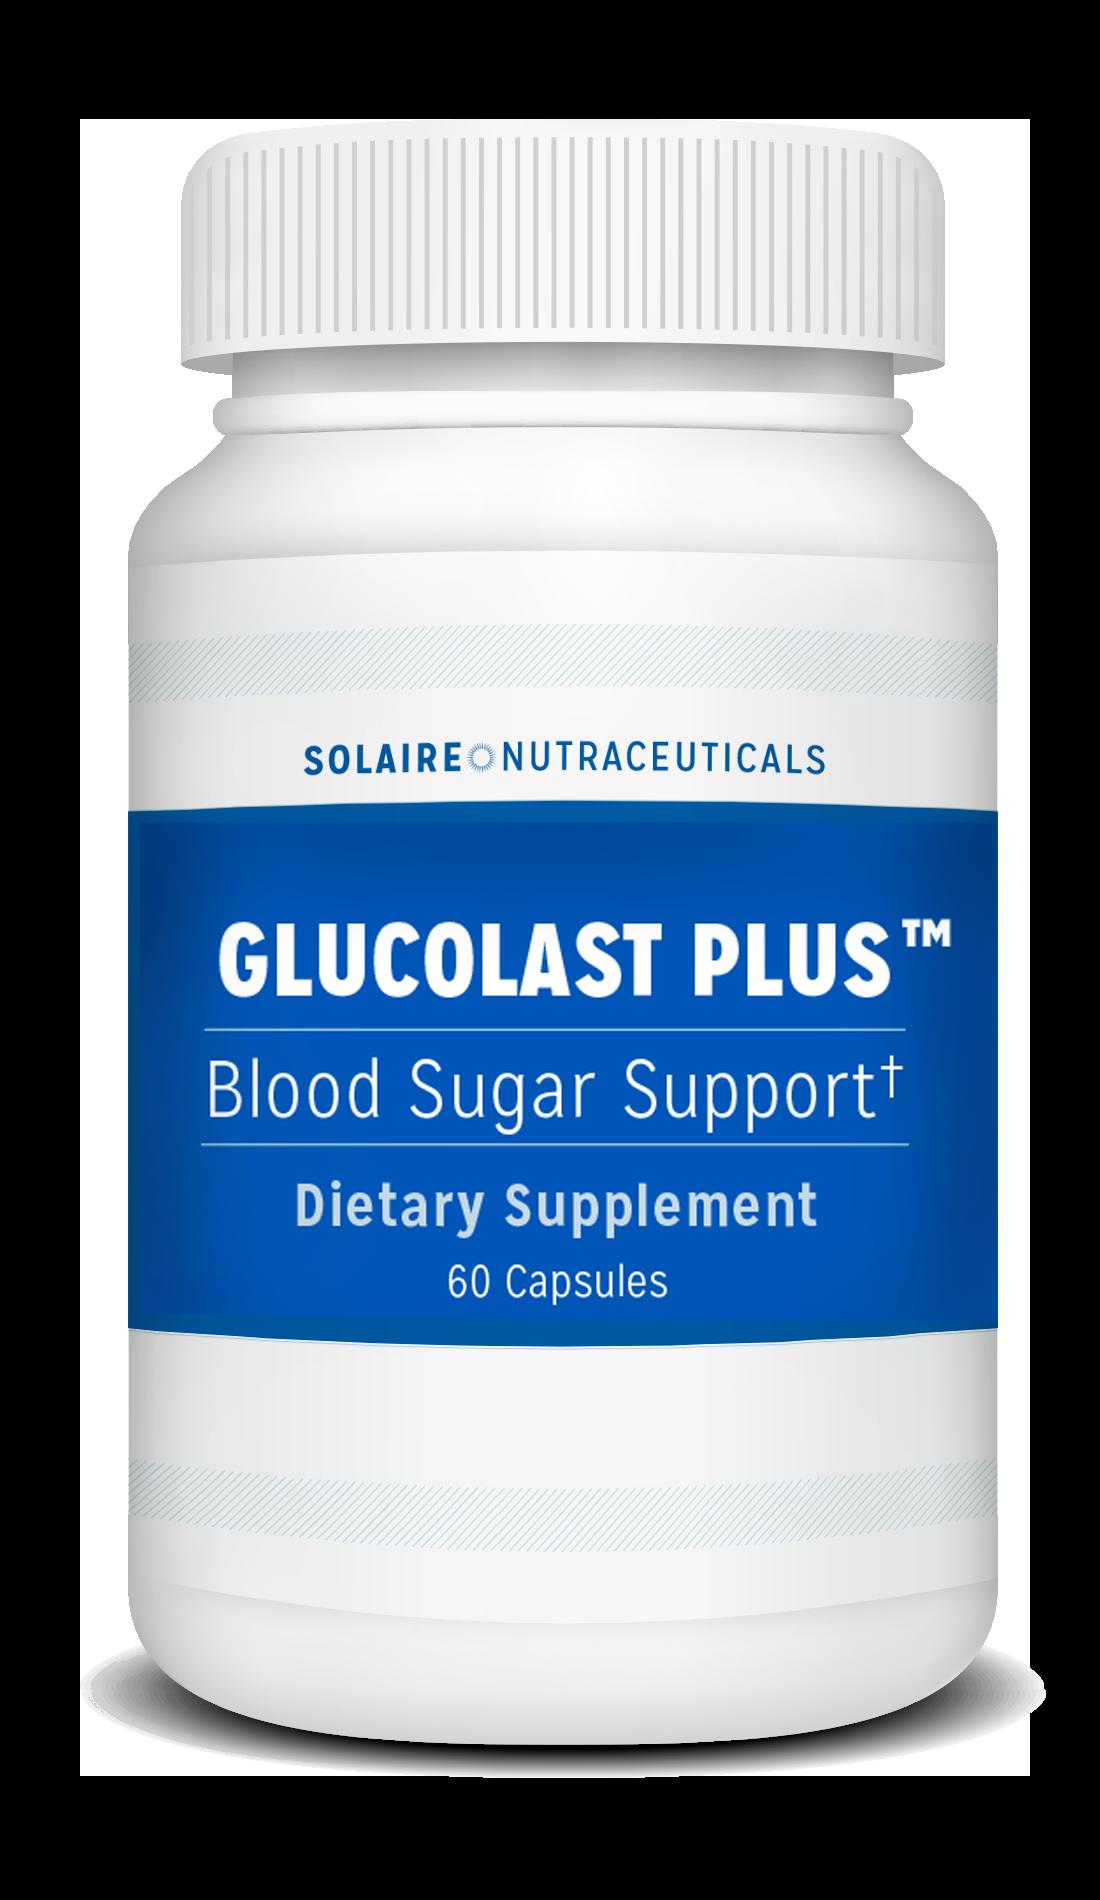 Bottle of Glucolast